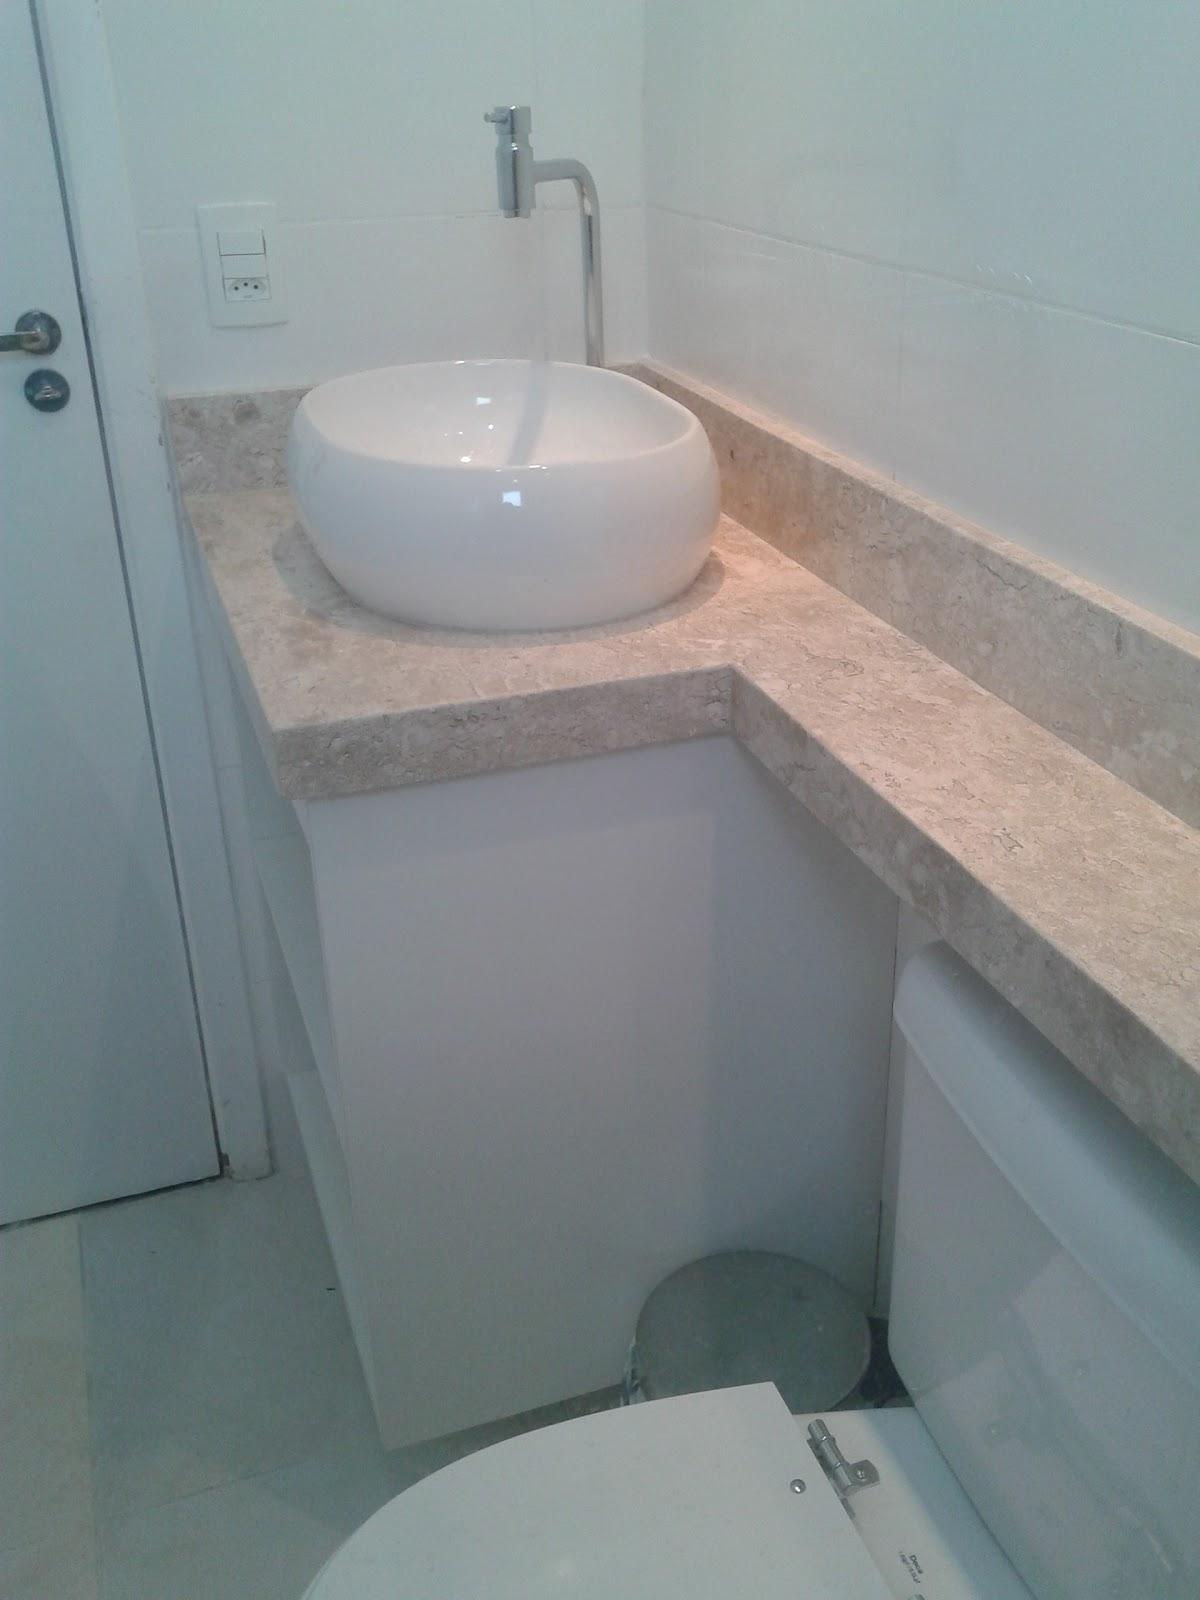 Cris A Dona da Casa!: Minhas Inspirações Banheiro #7D5E4E 1200x1600 Banheiro Com Pastilha Atras Do Vaso Sanitario